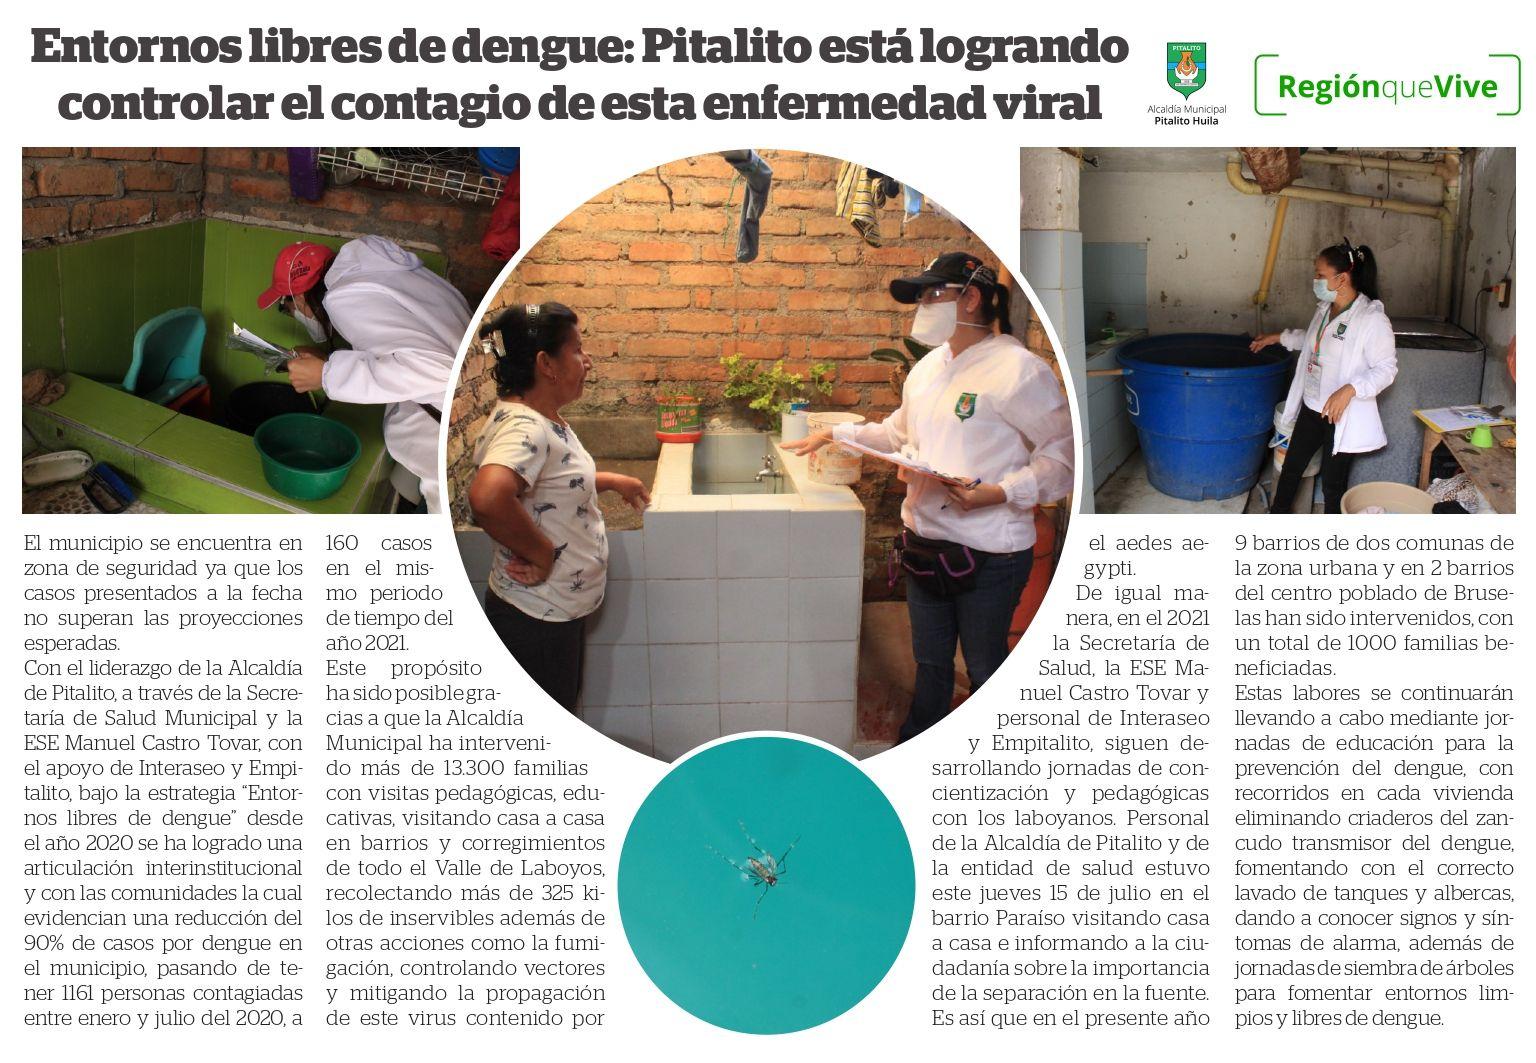 Entornos libres de dengue: Pitalito está logrando controlar el contagio de esta enfermedad viral